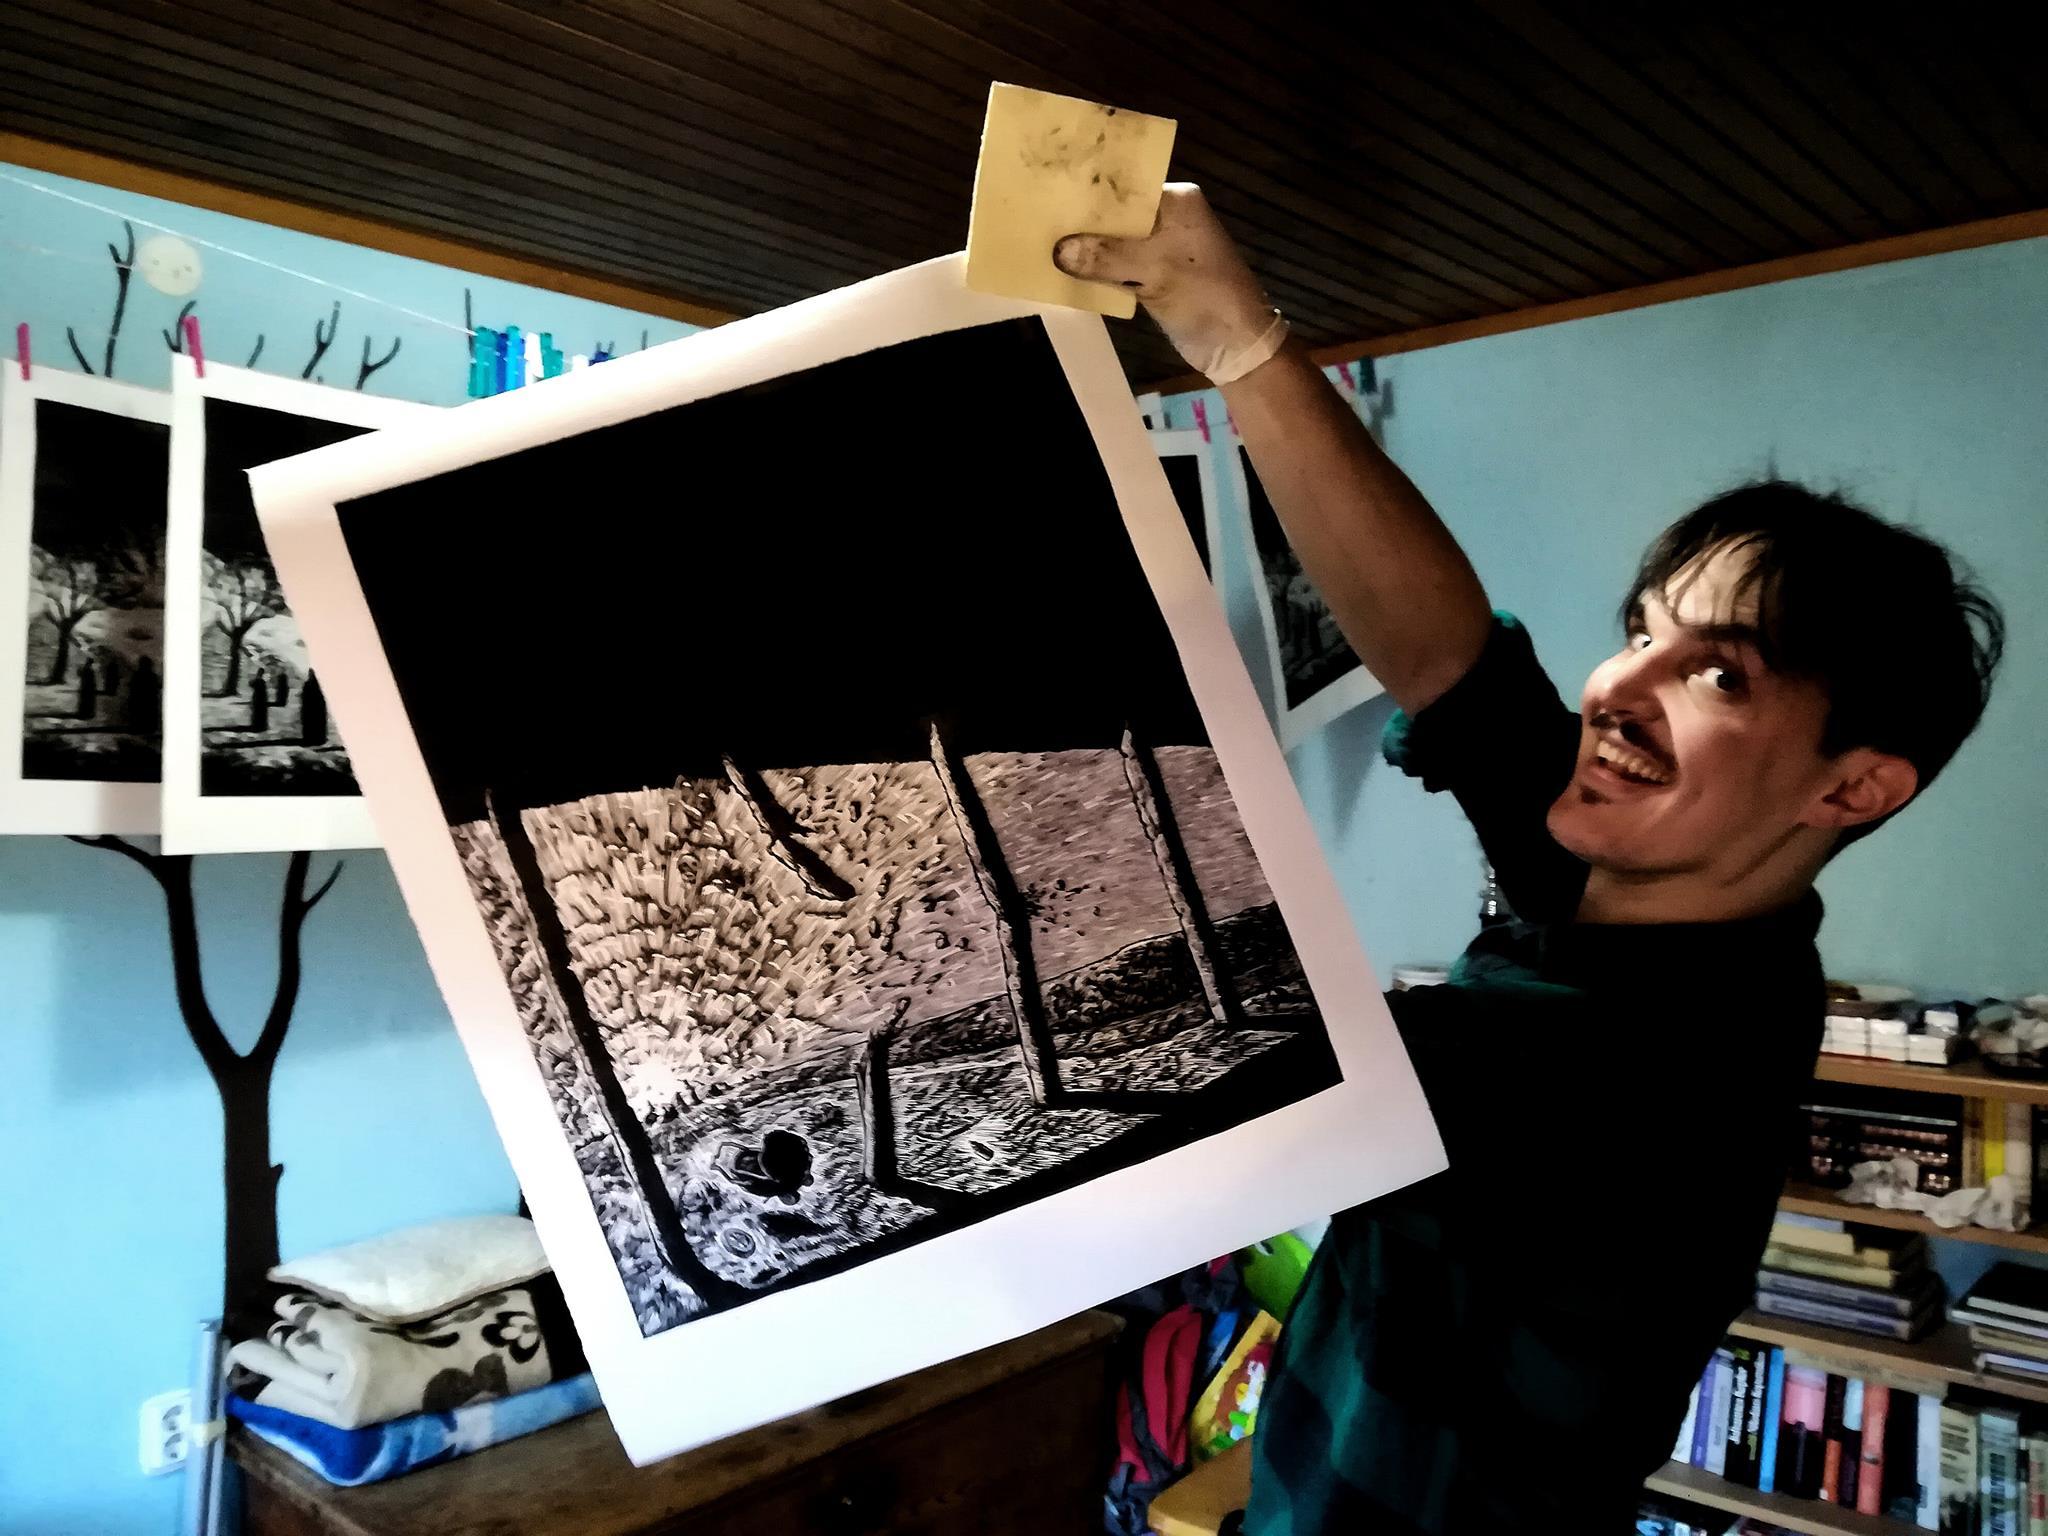 Miha Erič tisk linorez grafika, mednarodni likovni simpozij, likovna kolonija, fine art, grafika, likovna kolonija, umetnost,Erič Miha Art